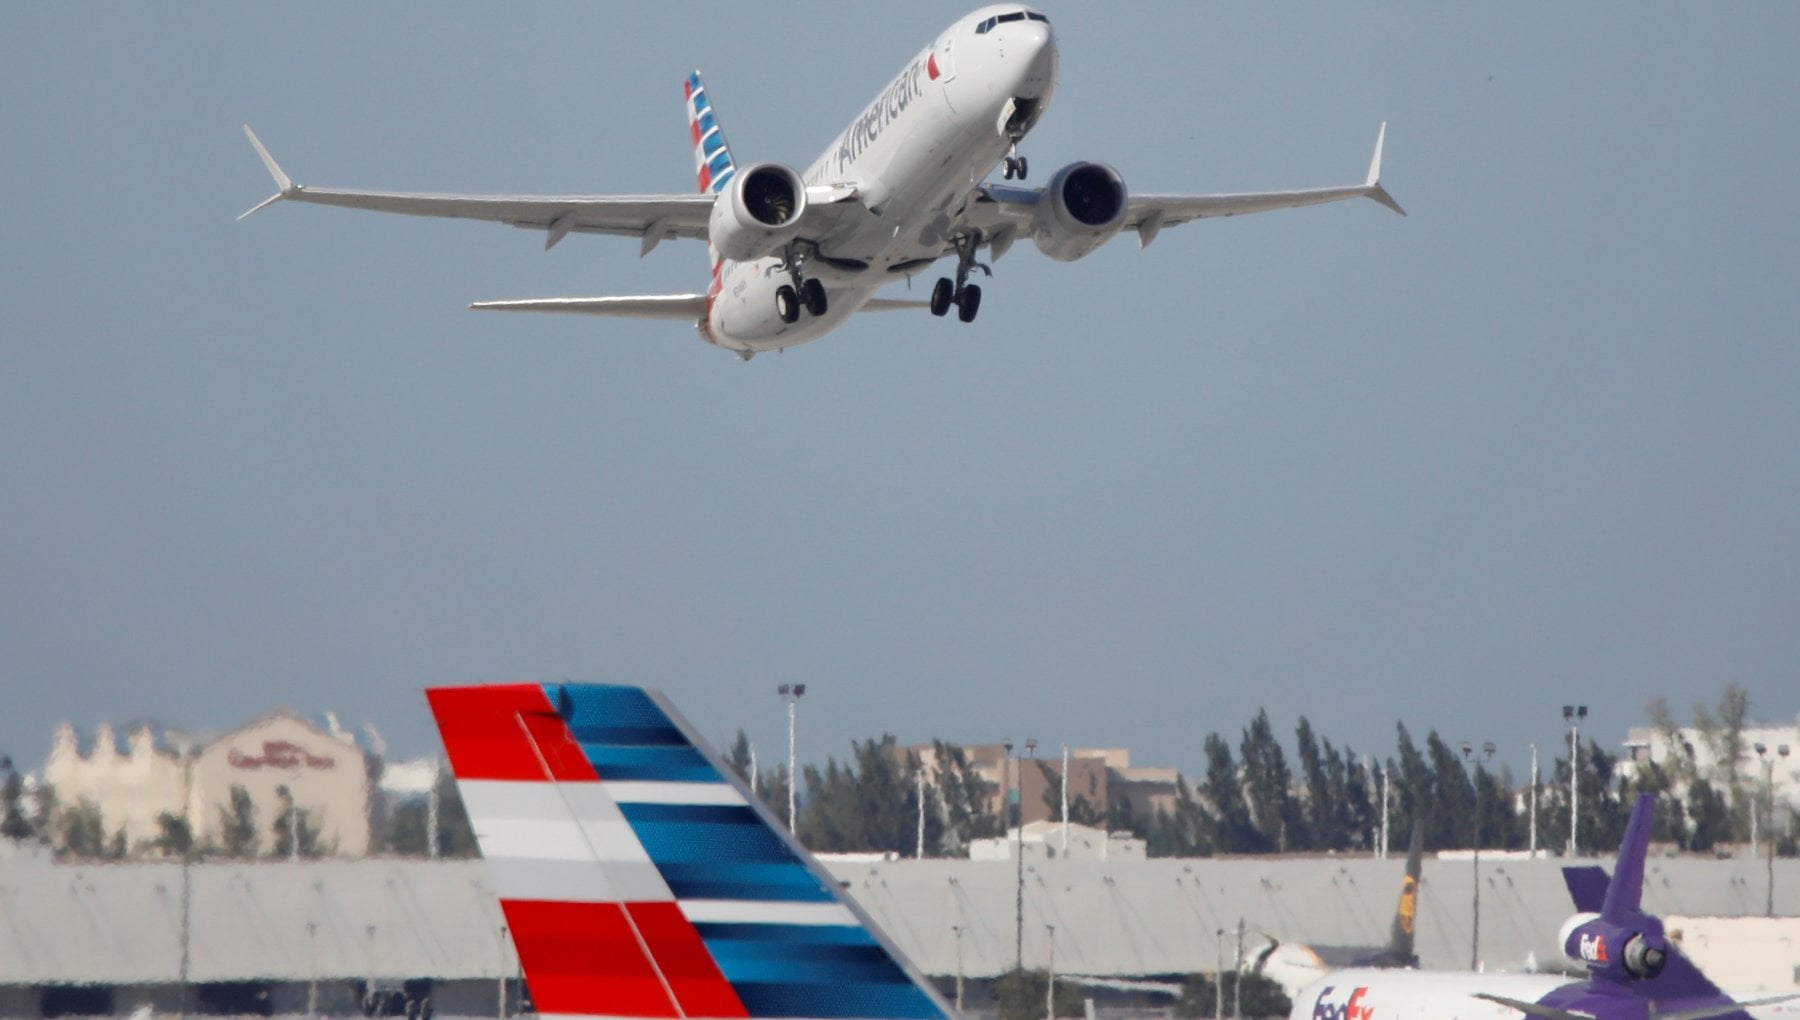 Usa Boeing patteggia 25 miliardi di dollari per due disastri che hanno coinvolto due 737 Max della compagnia